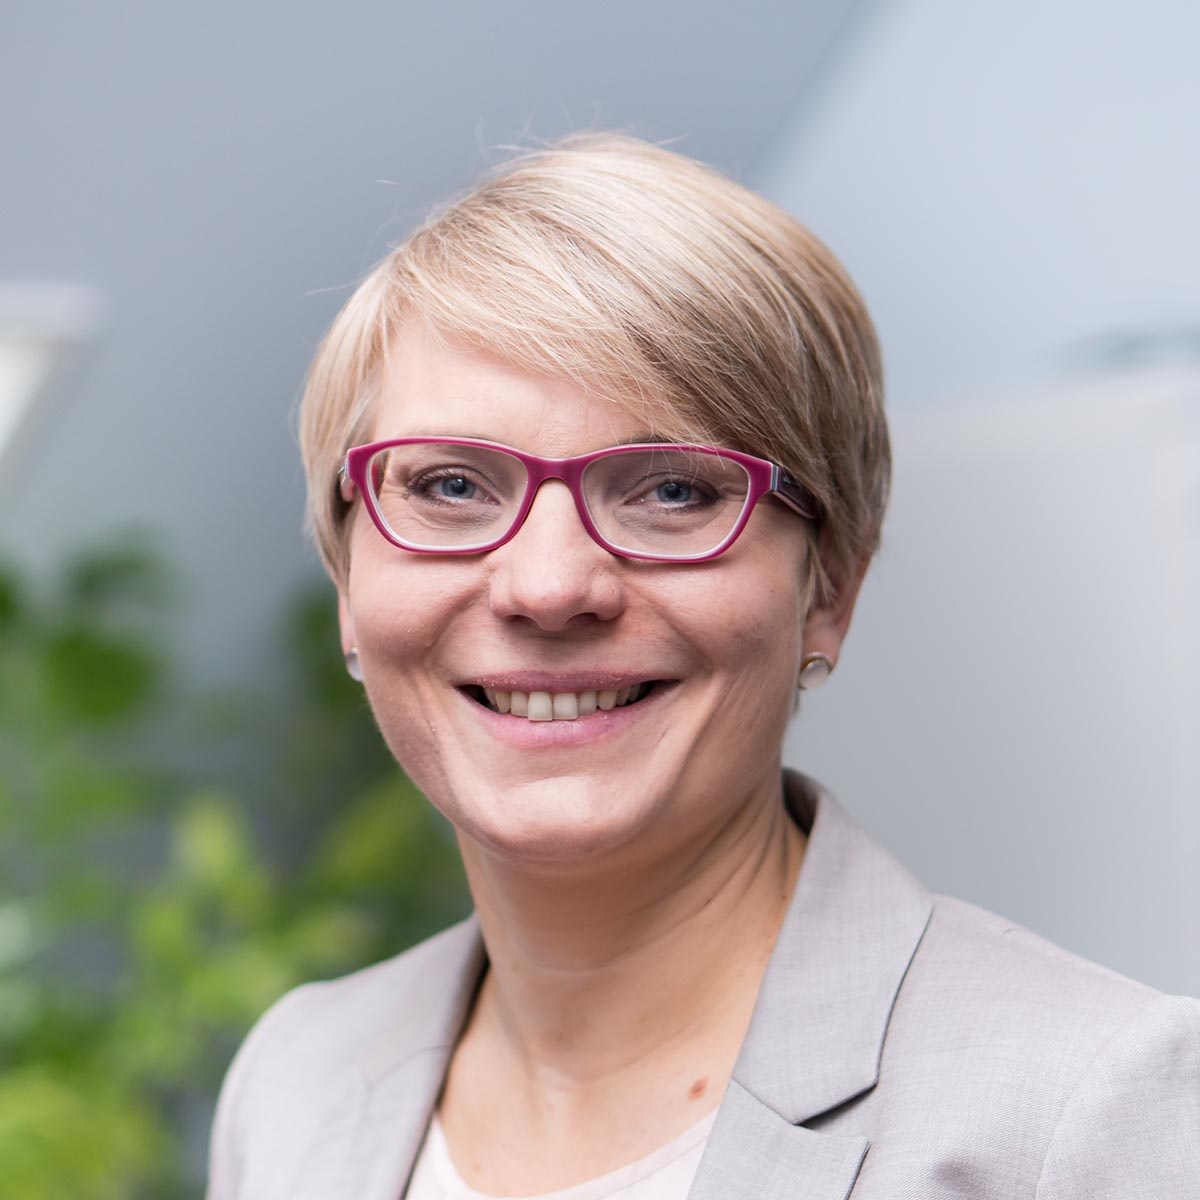 Claudia Pieper